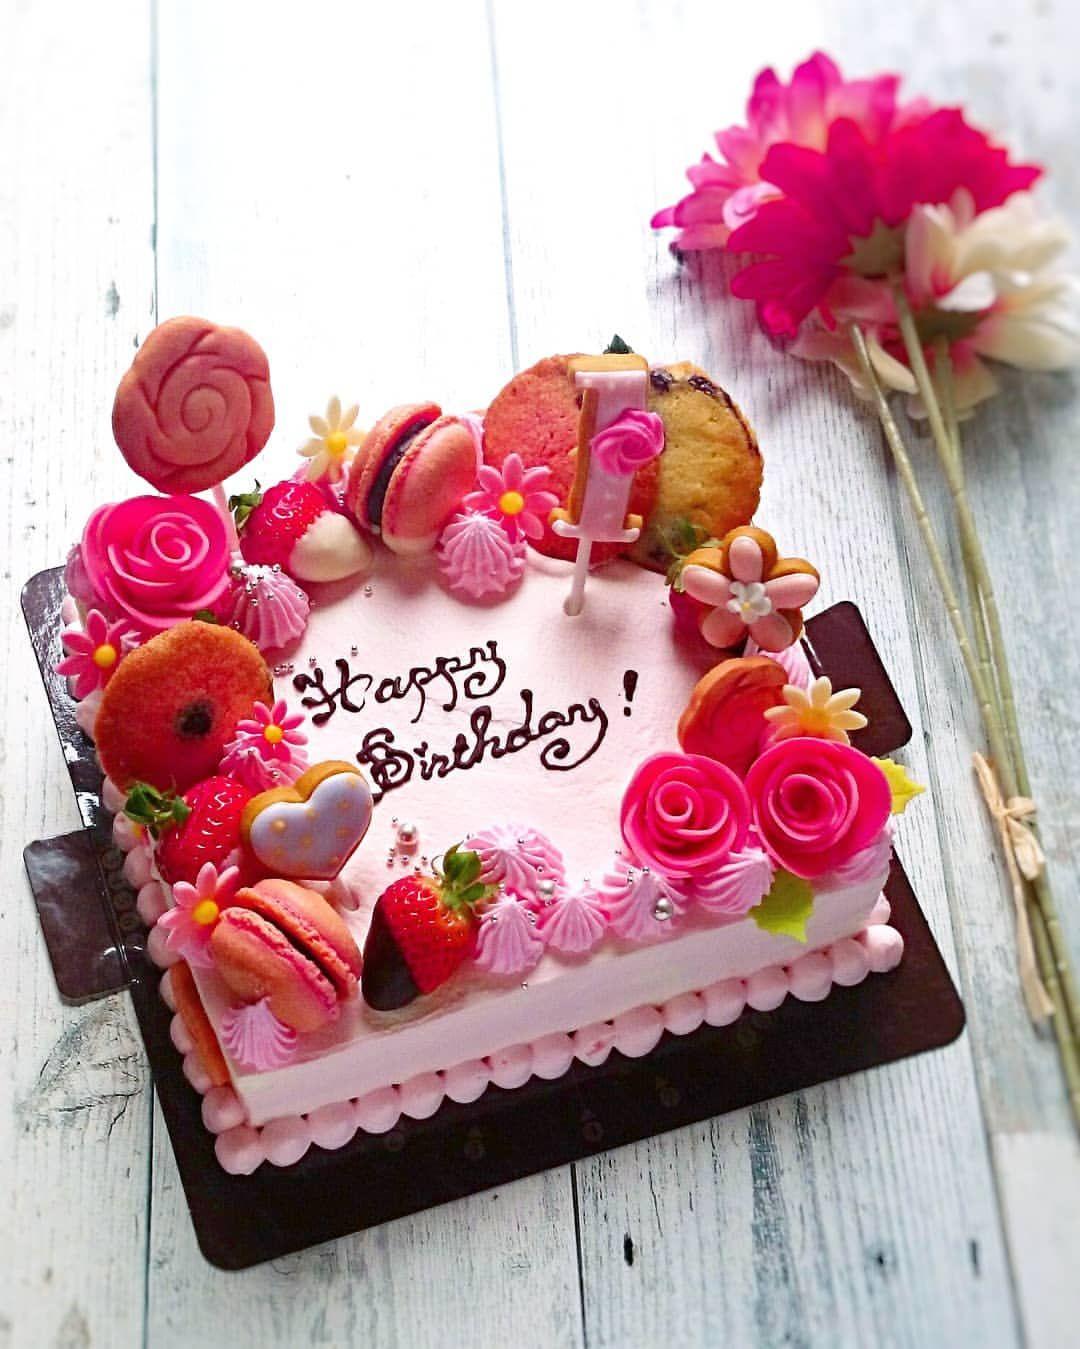 Michiko ミチコはinstagramを利用しています Birthday Cake チョコやマカロン いろんなクッキーで仕上げました 中は苺のシ Happy Anniversary Cakes Happy Birthday Wishes Cake Happy Birthday Cake Pictures